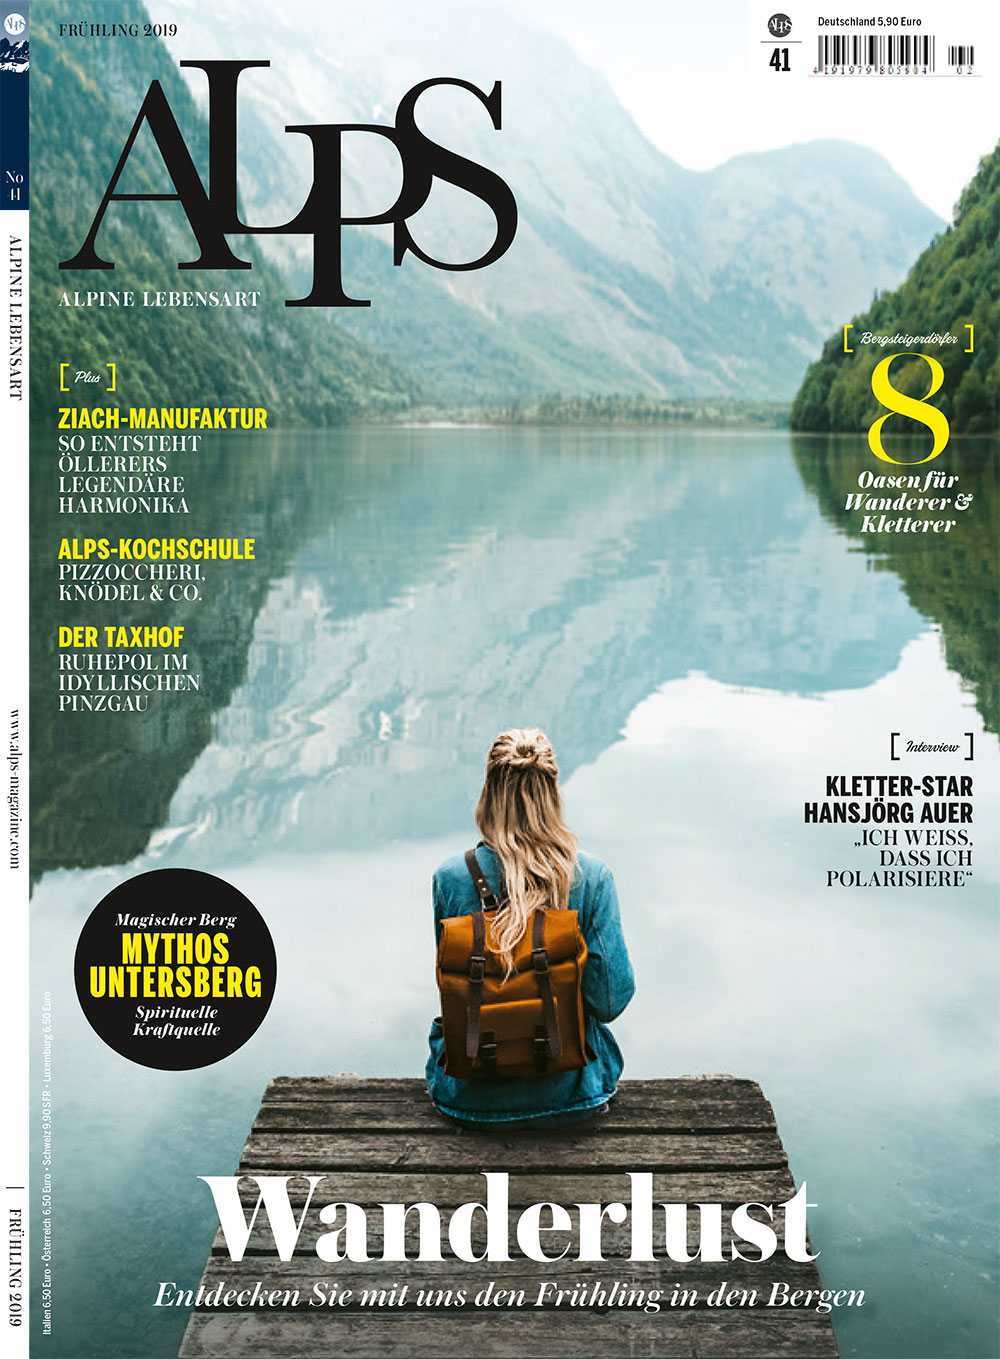 ALPS Cover #41 Frühling